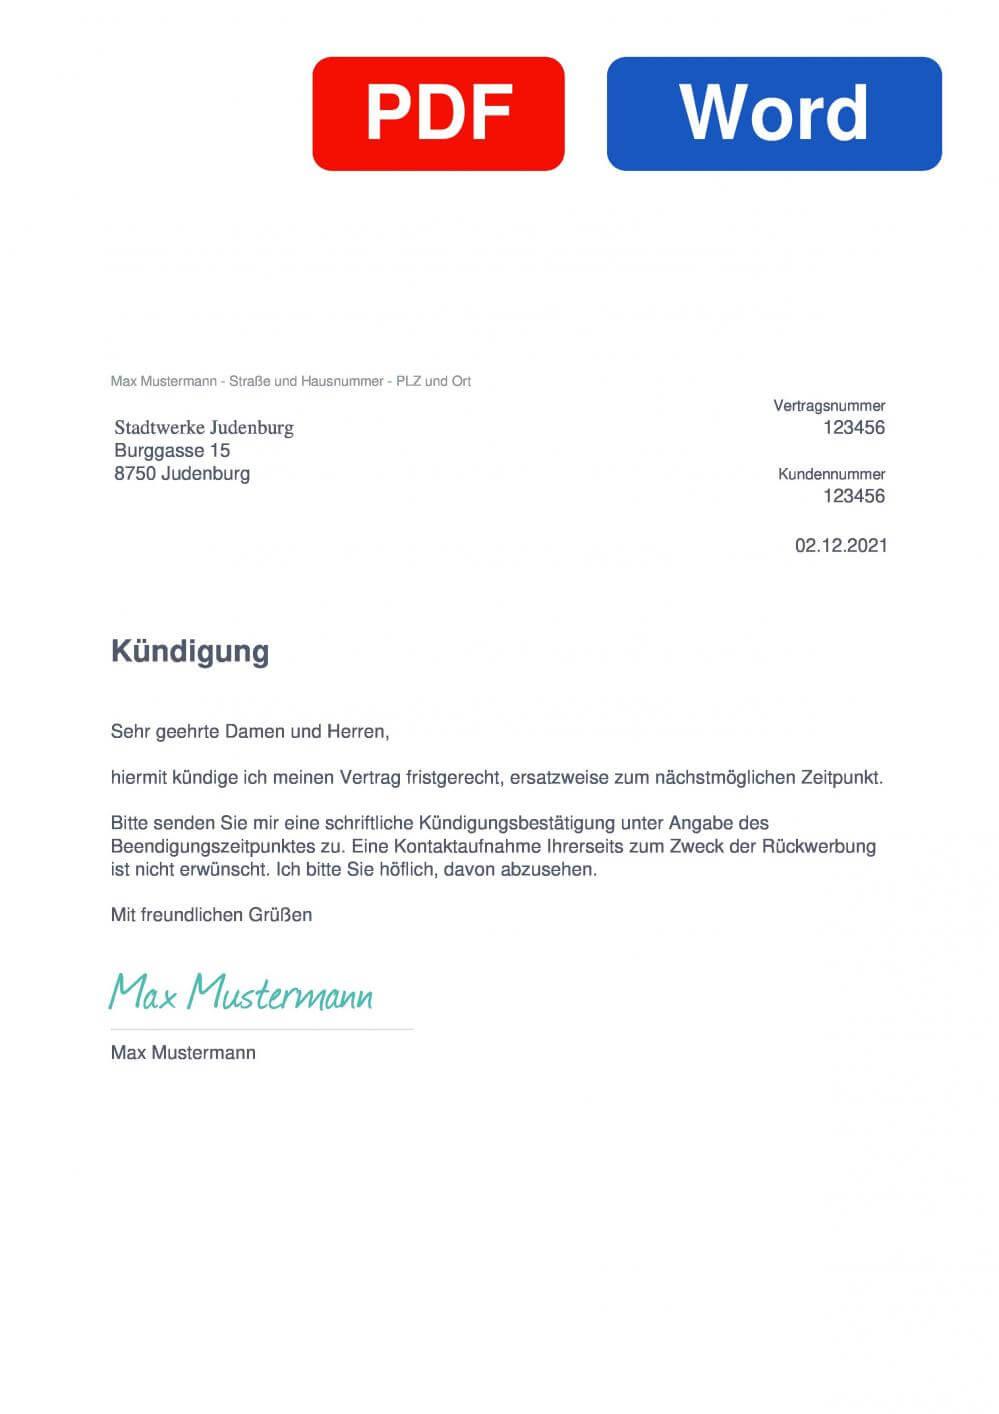 Stadtwerke Judenburg Muster Vorlage für Kündigungsschreiben